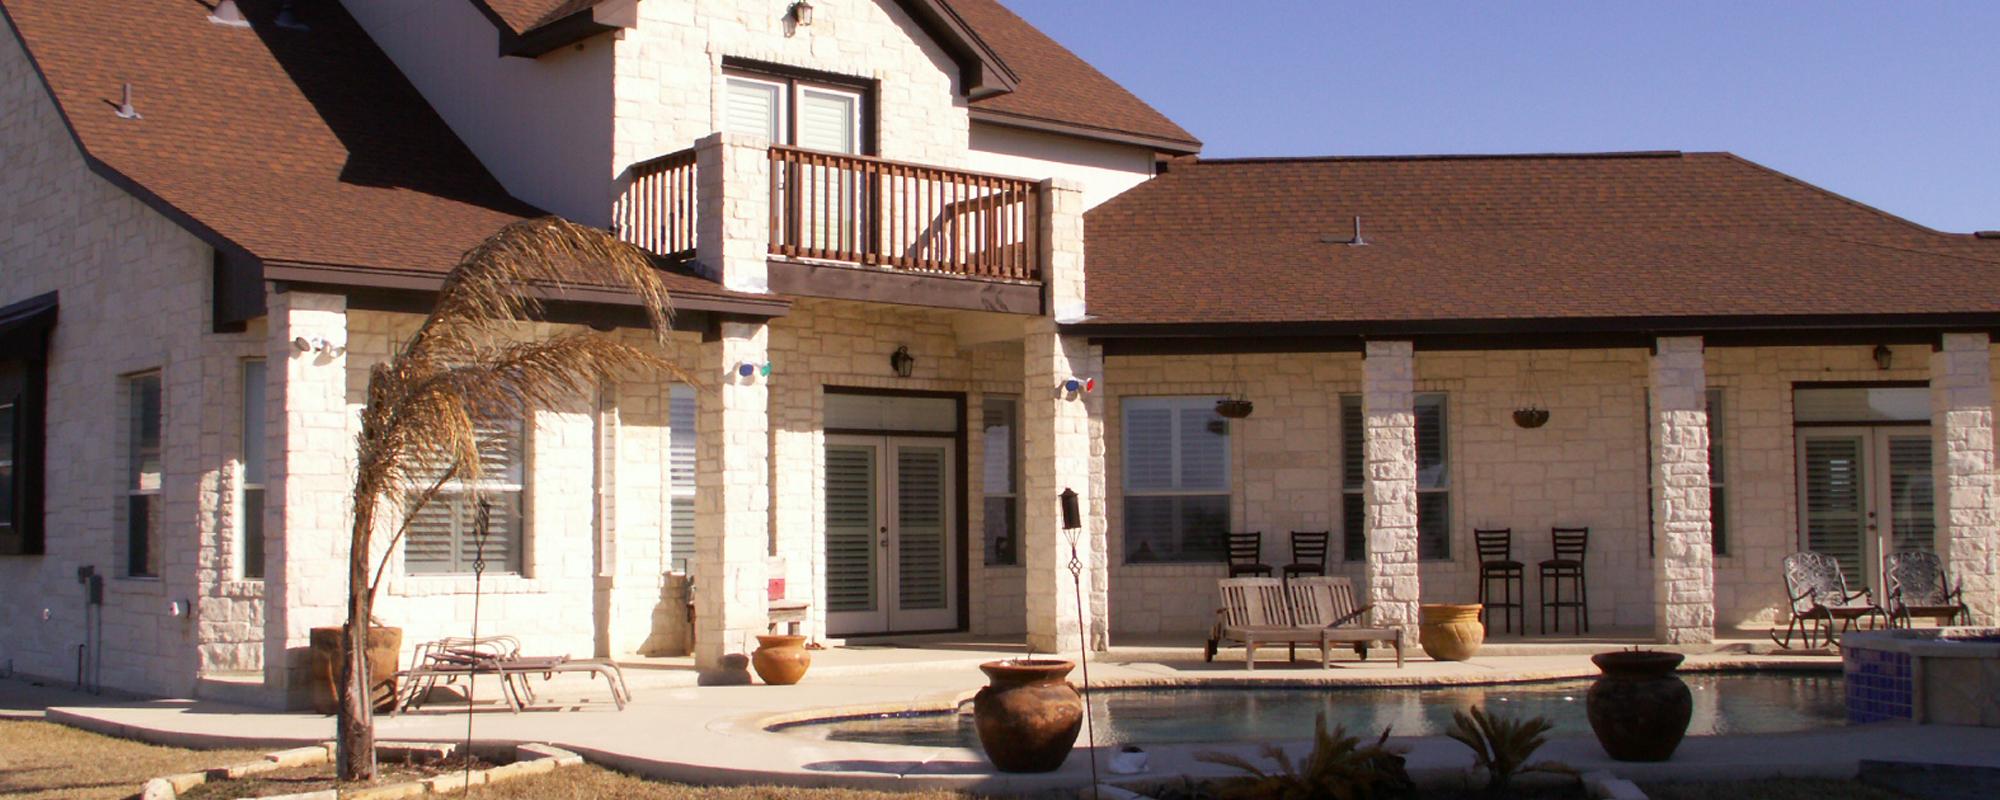 Miller Custom Homes